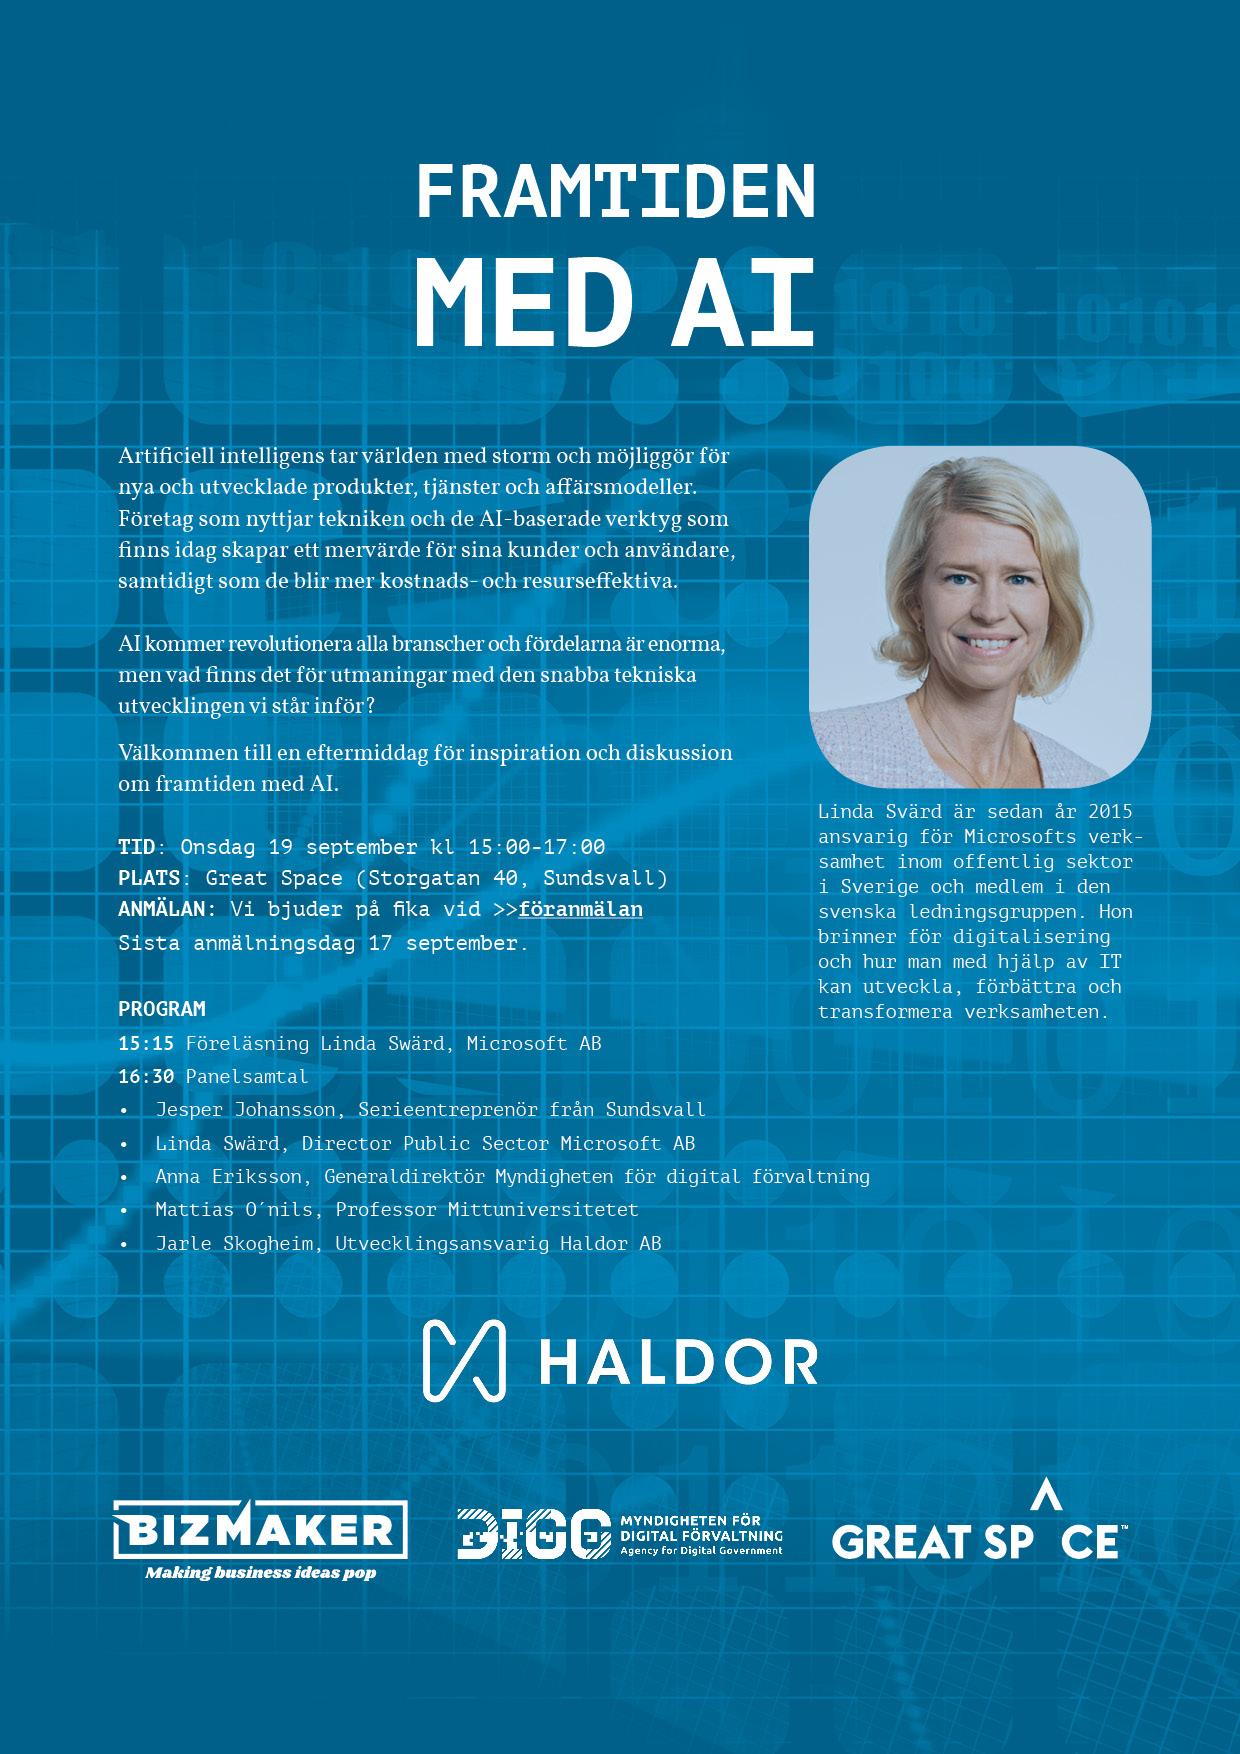 Inbjudan - Framtiden med AI